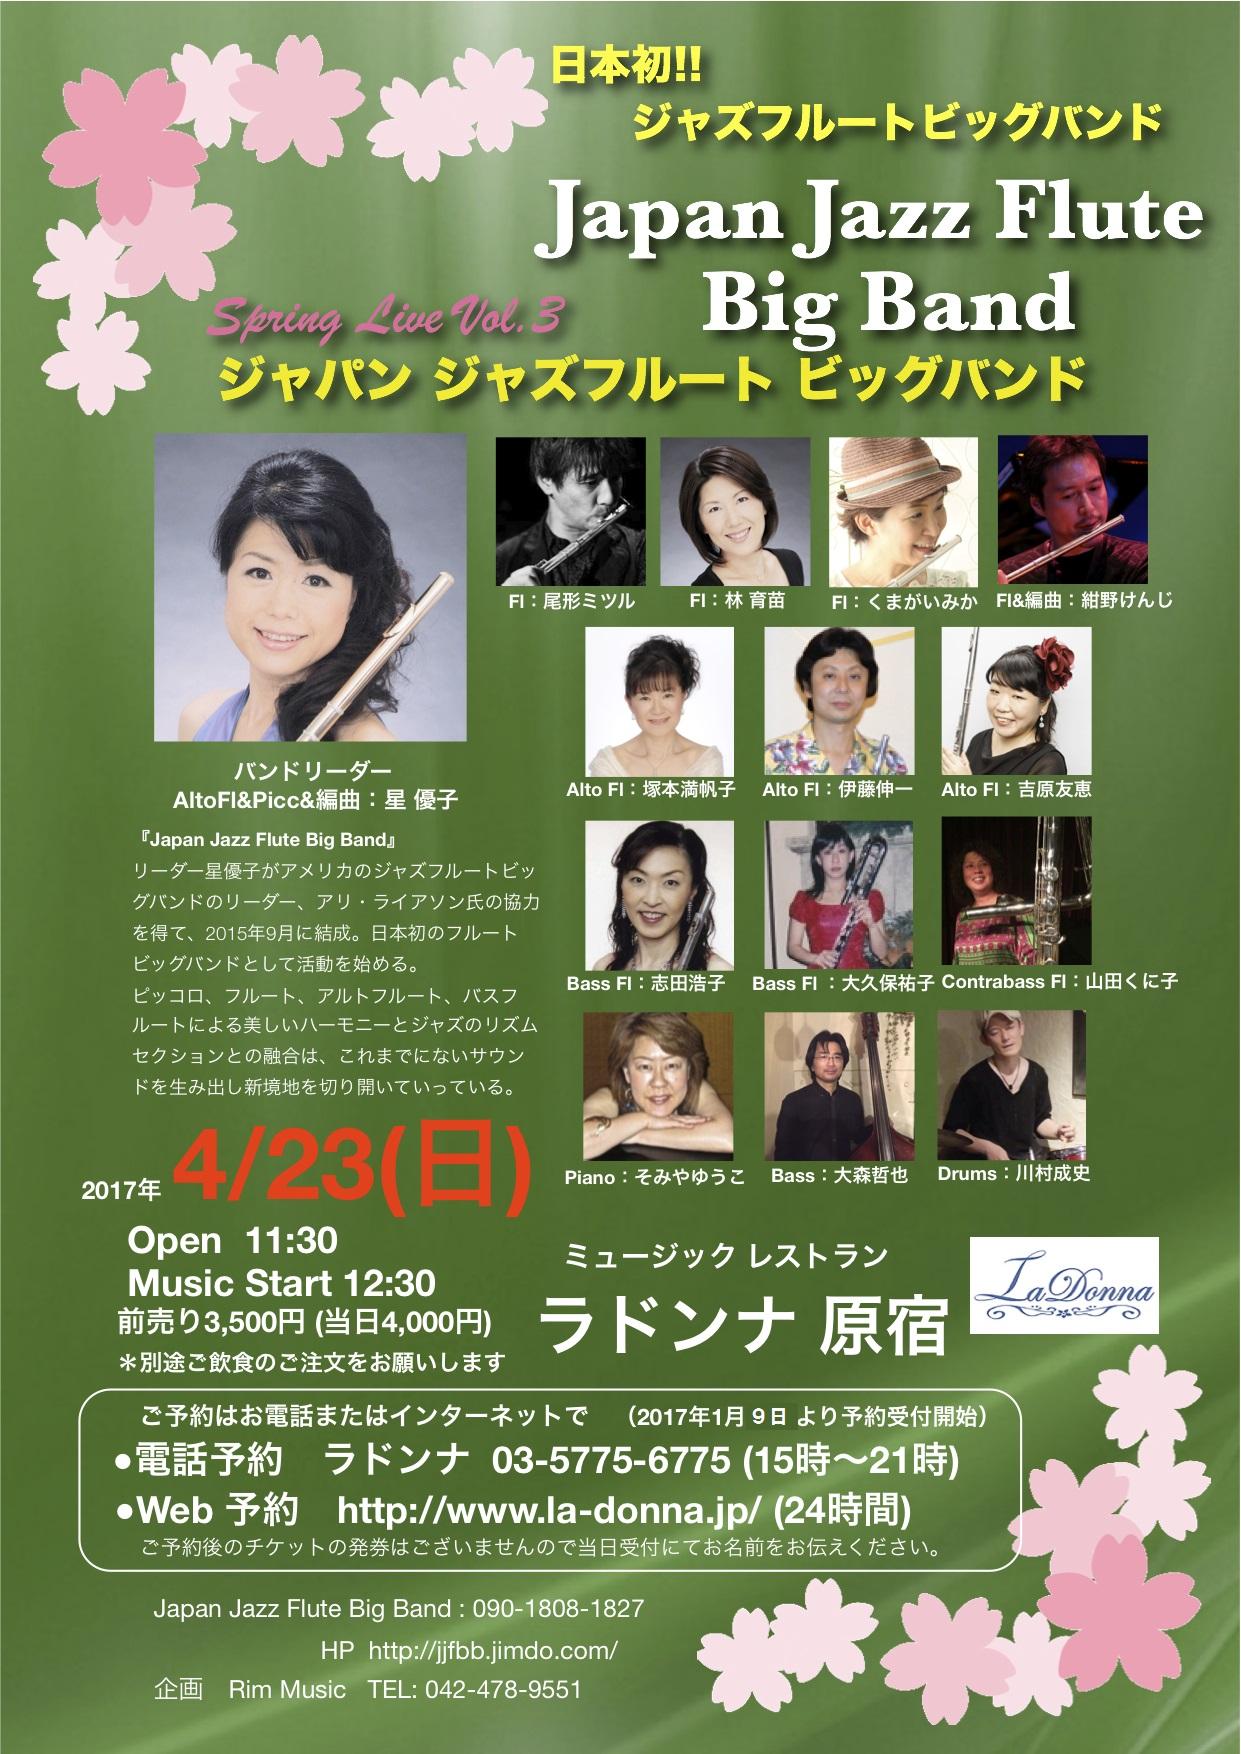 Japan Jazz Flute Big Band ~Spring Live Vol.3~